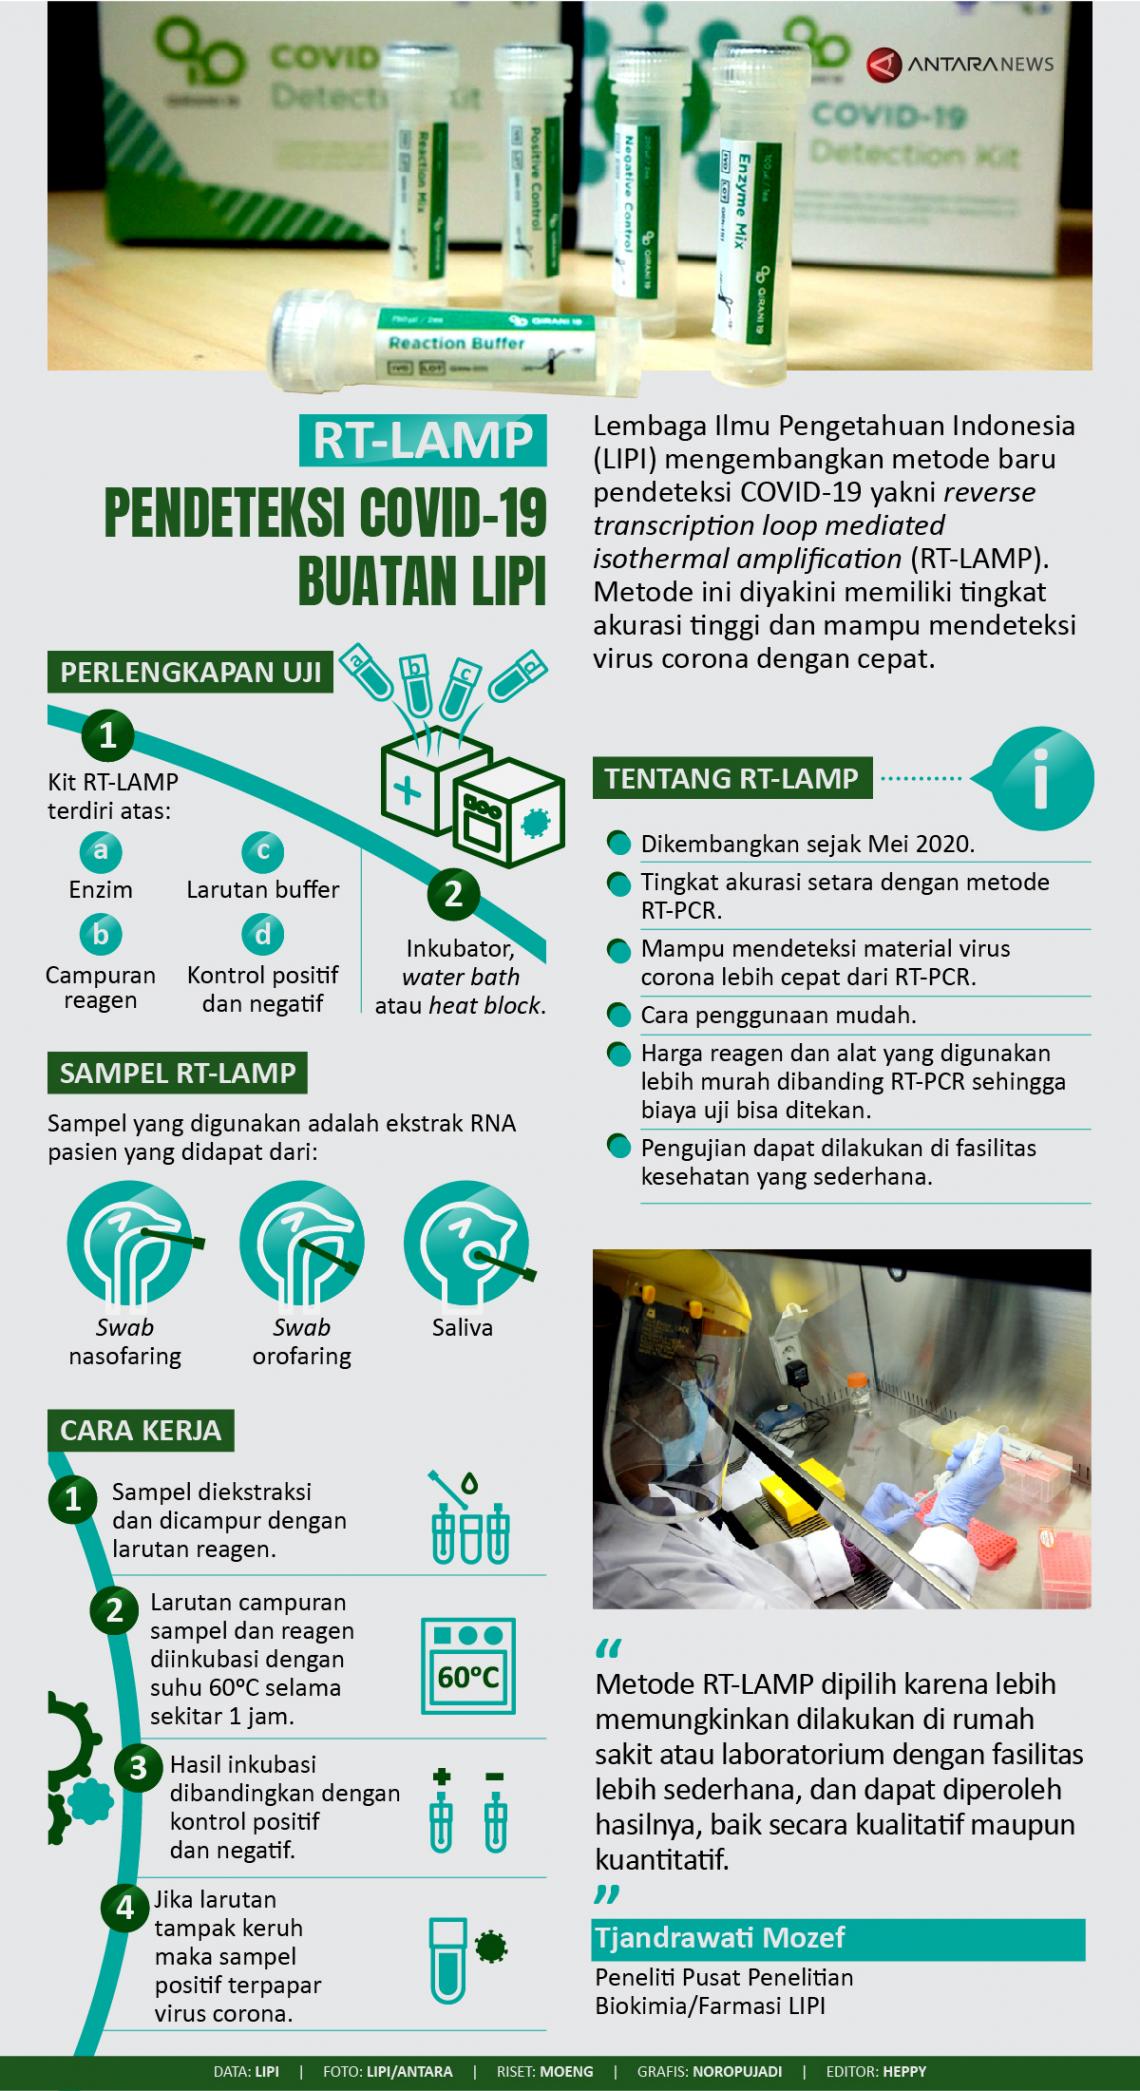 RT-LAMP pendeteksi COVID-19 buatan LIPI